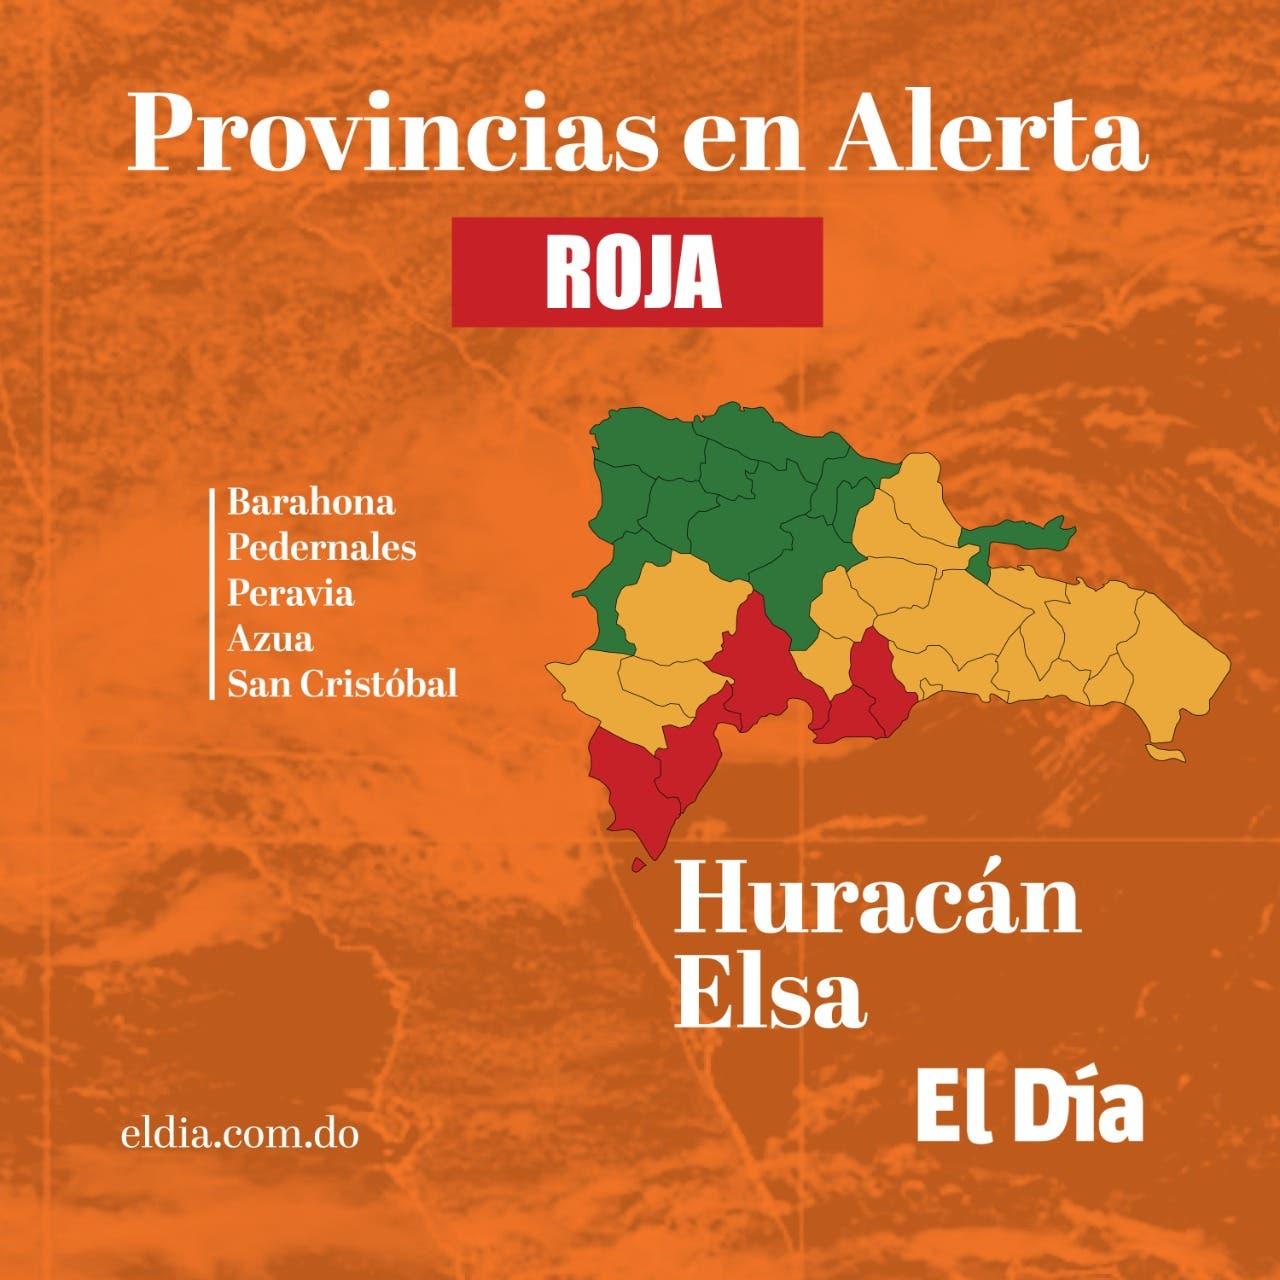 El país bajo alerta ante el posible paso del huracán Elsa